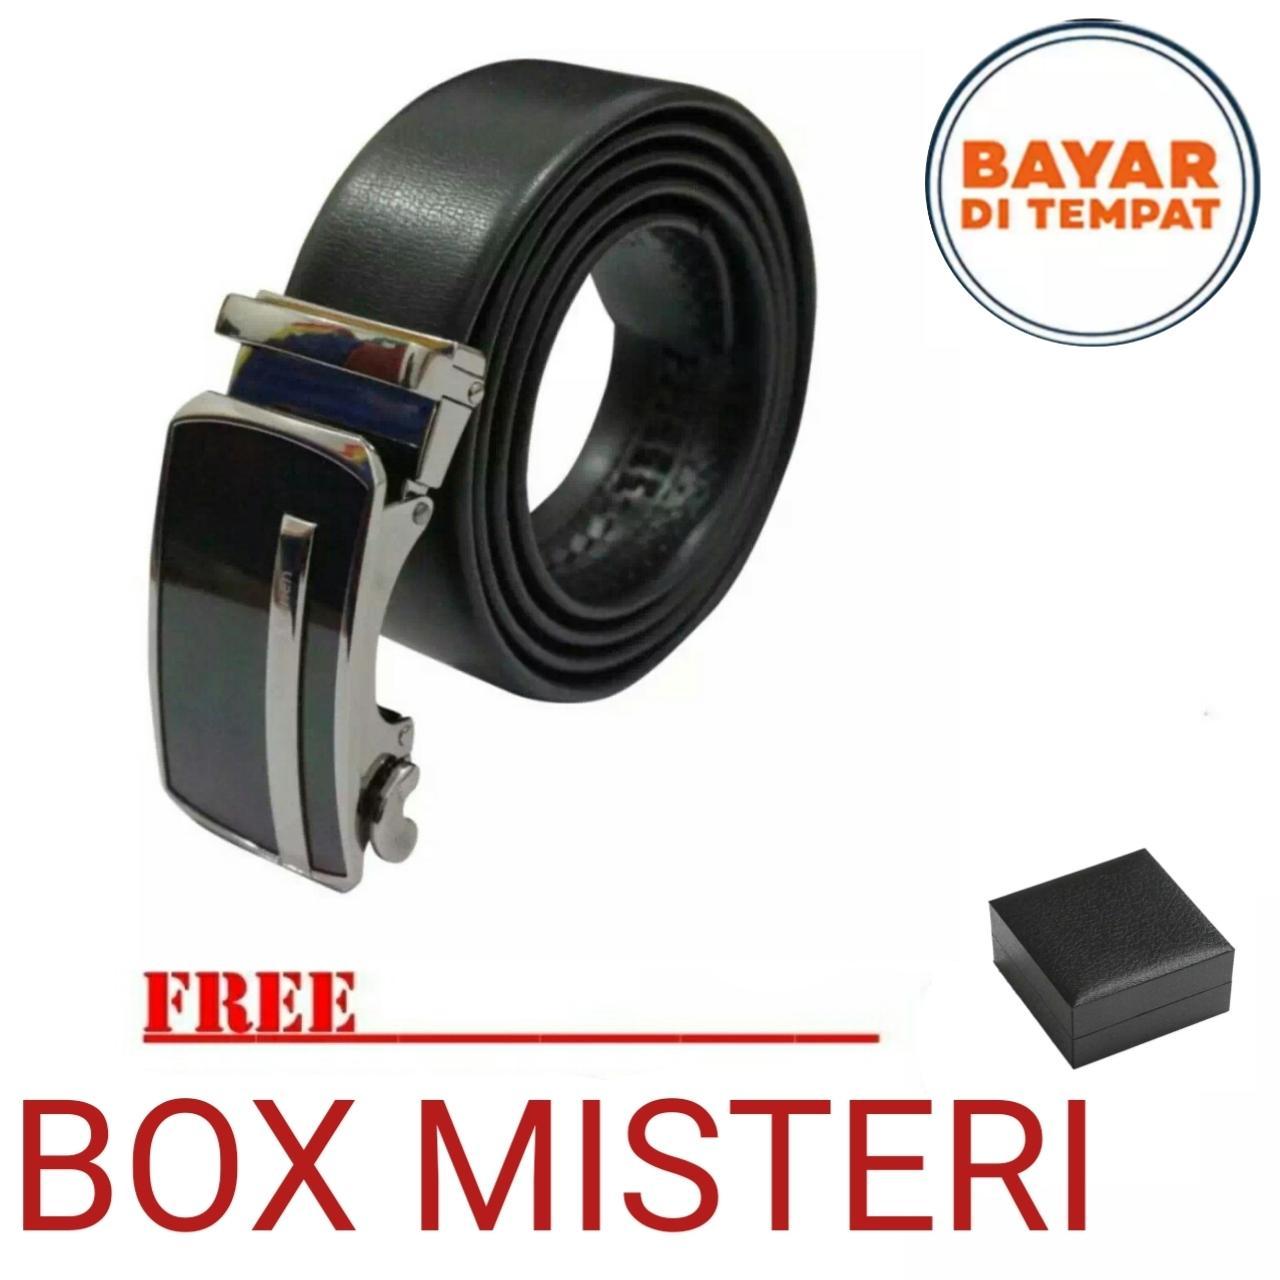 Ikat Pinggang Pria Belt Sabuk Gesper Metal Buckle Kulit imitasi PU leather  Shenkai 0001ZV Black Promo 20f1e03778